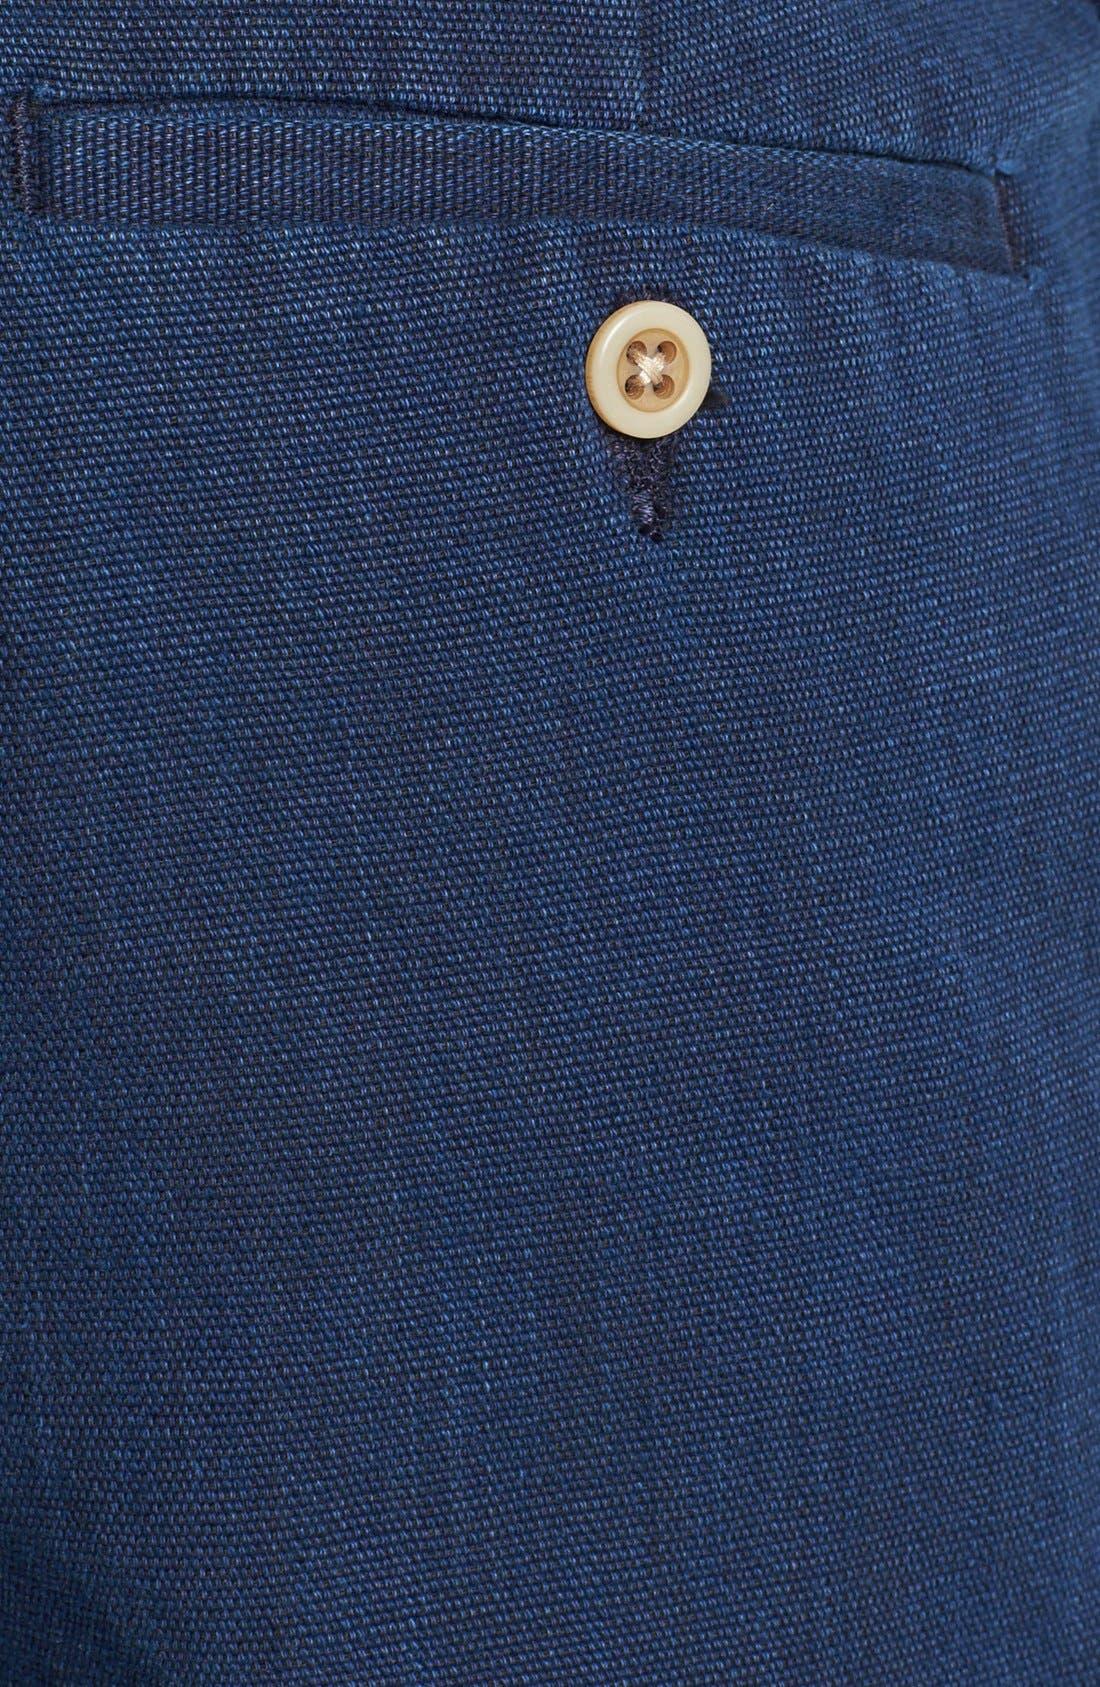 Alternate Image 3  - Just A Cheap Shirt 'Guam' Linen Shorts